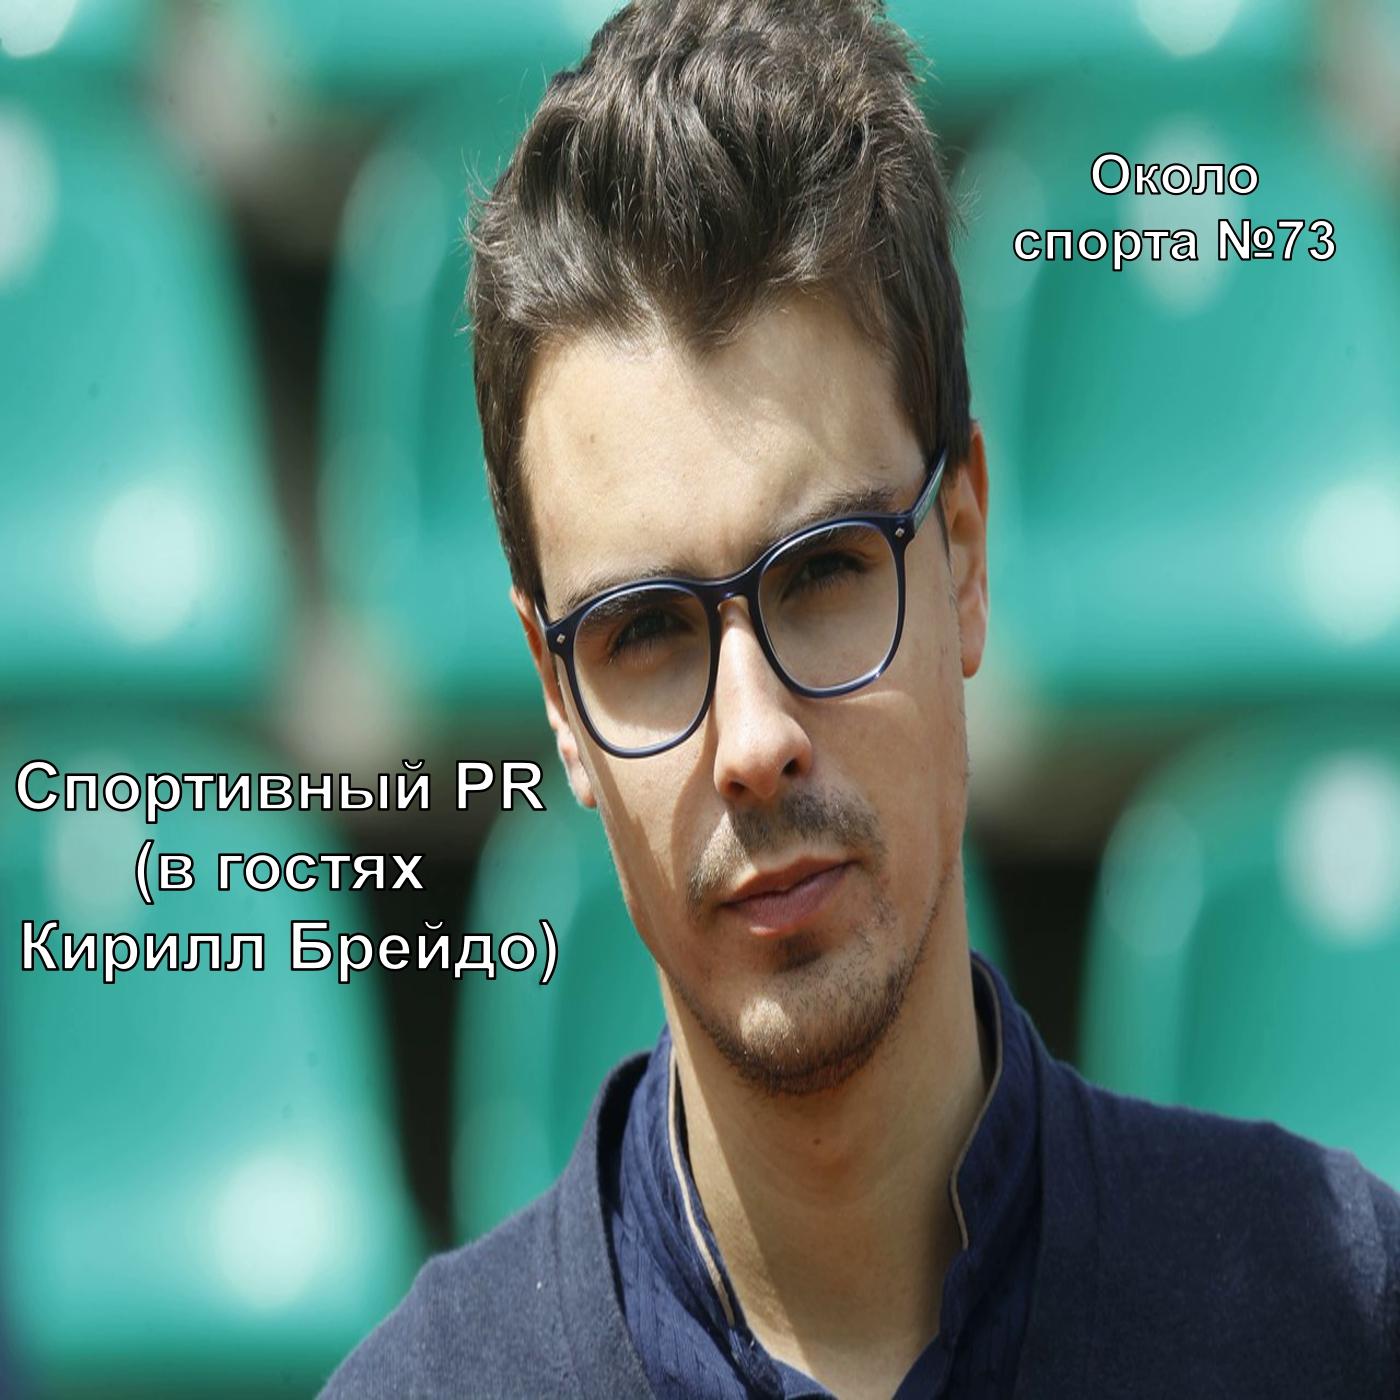 Спортивный PR (в гостях Кирилл Брейдо) - Около спорта